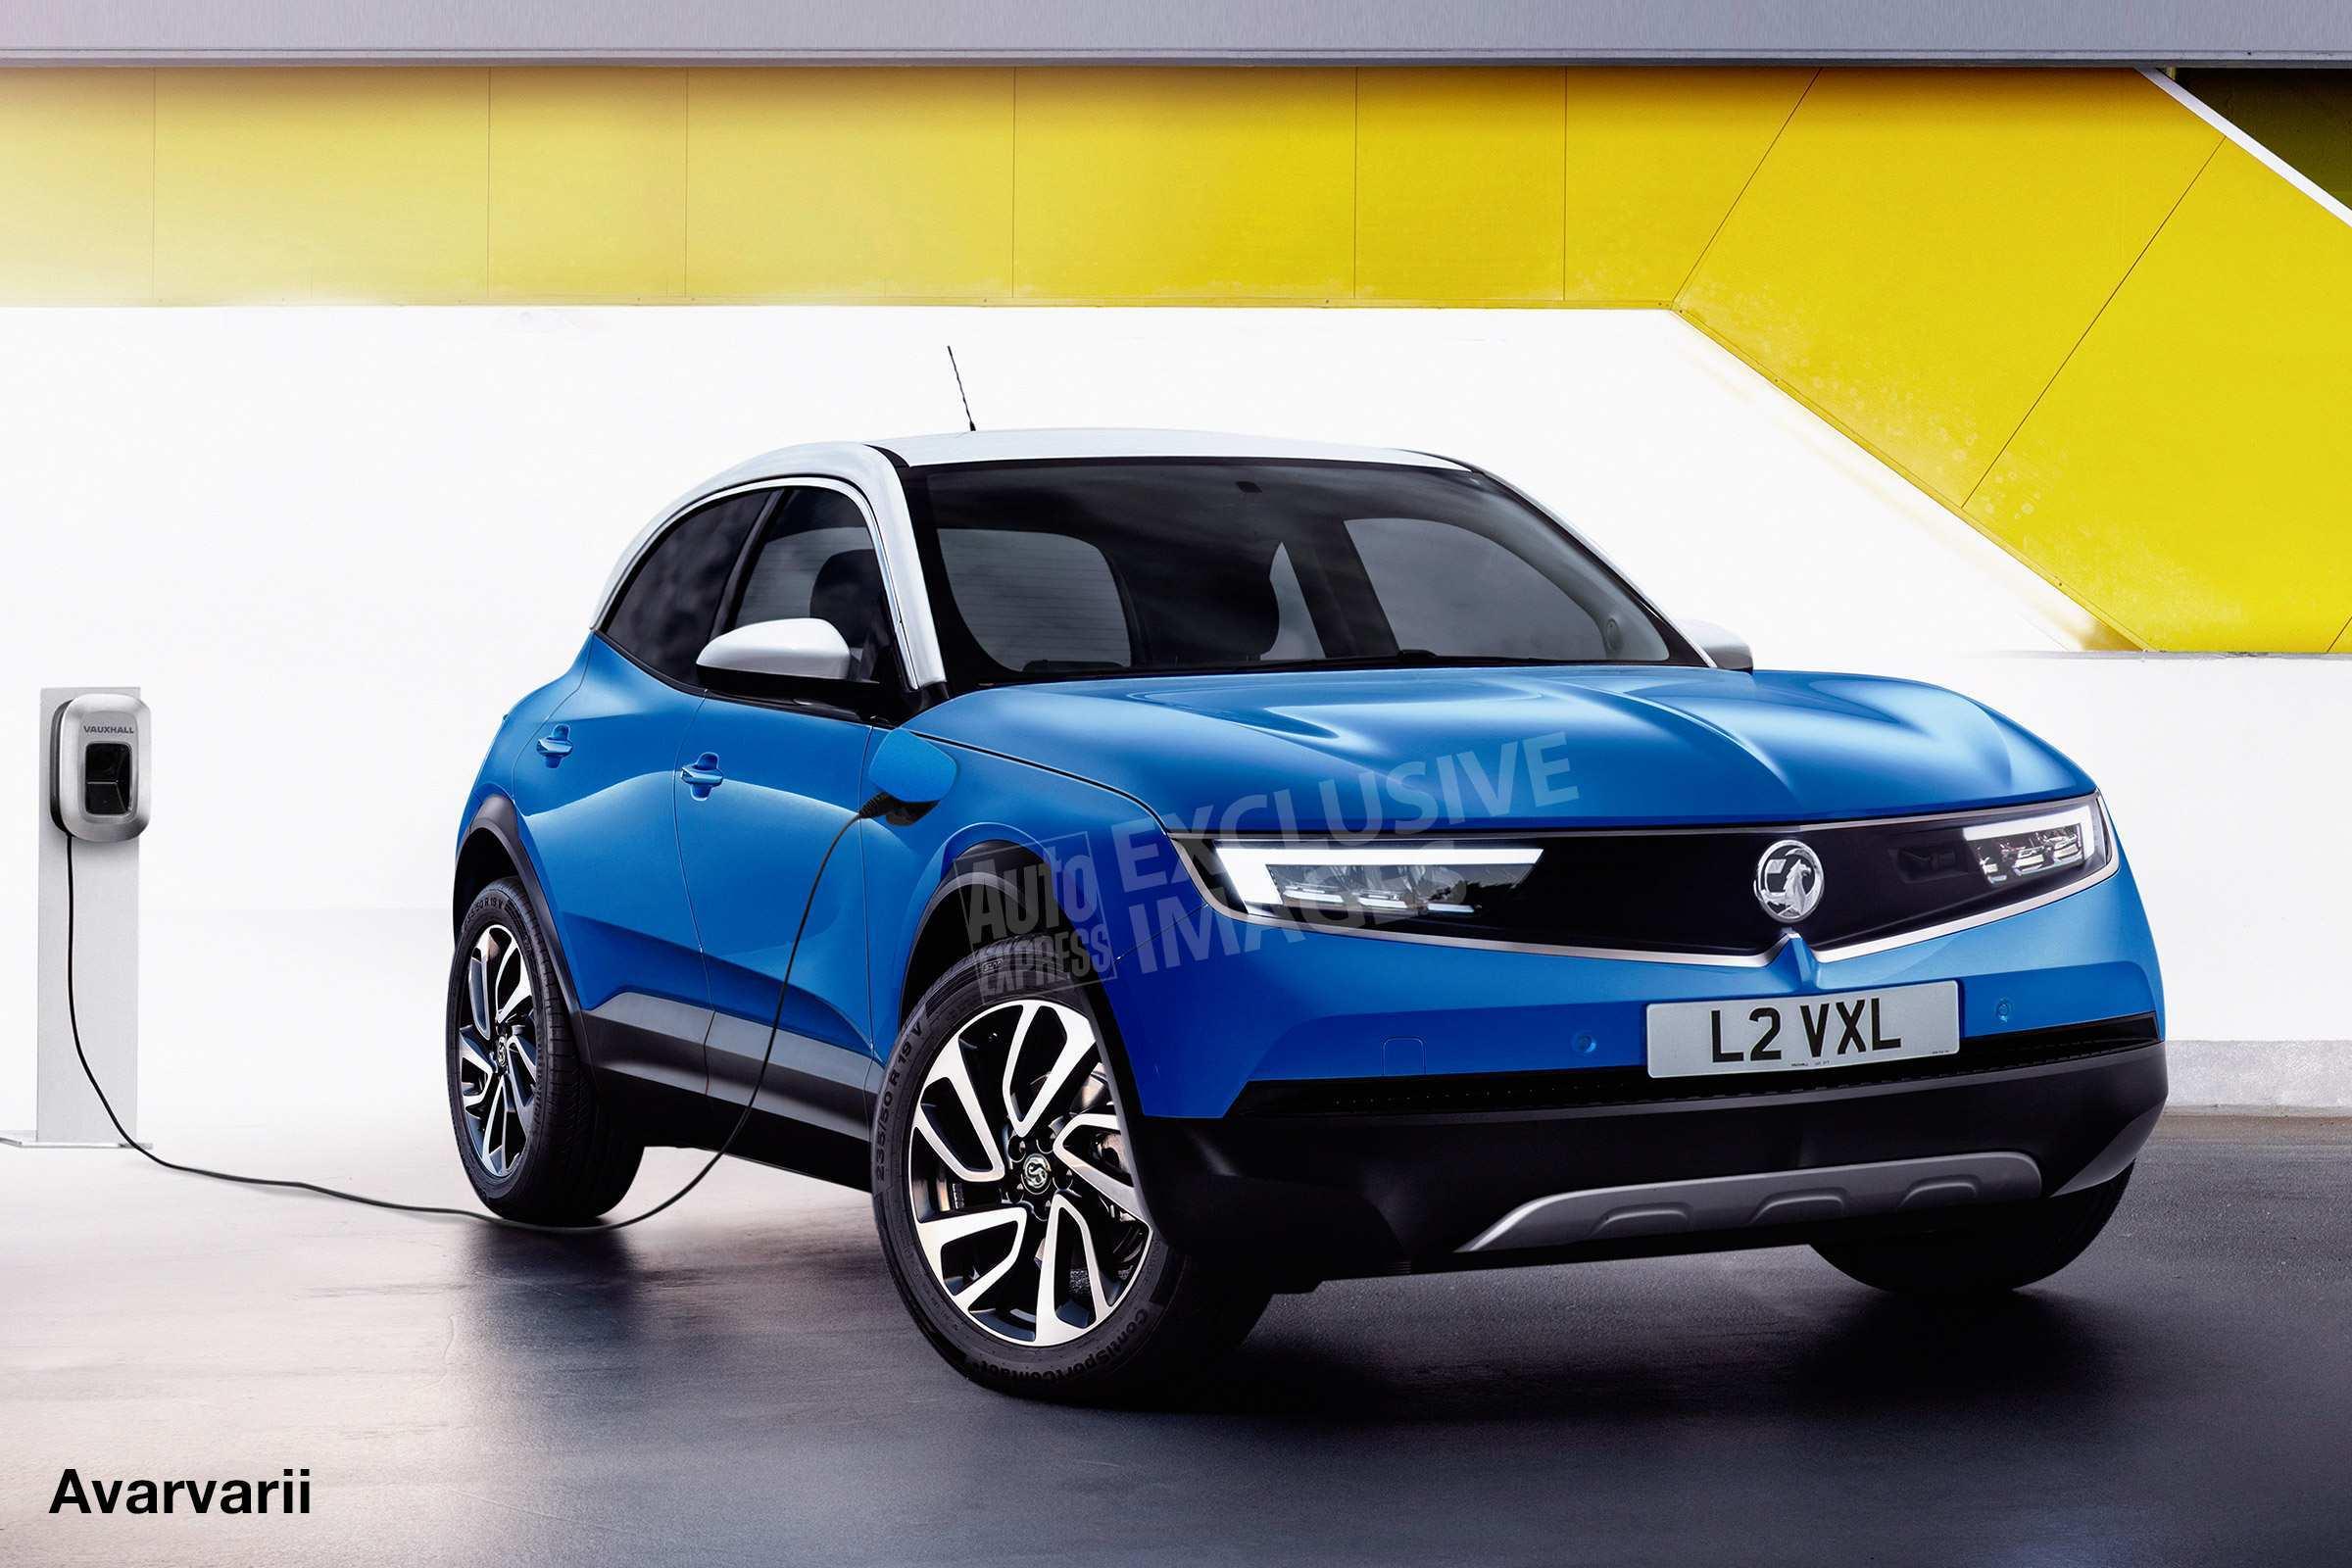 48 All New Opel Mokka 2020 Style with Opel Mokka 2020